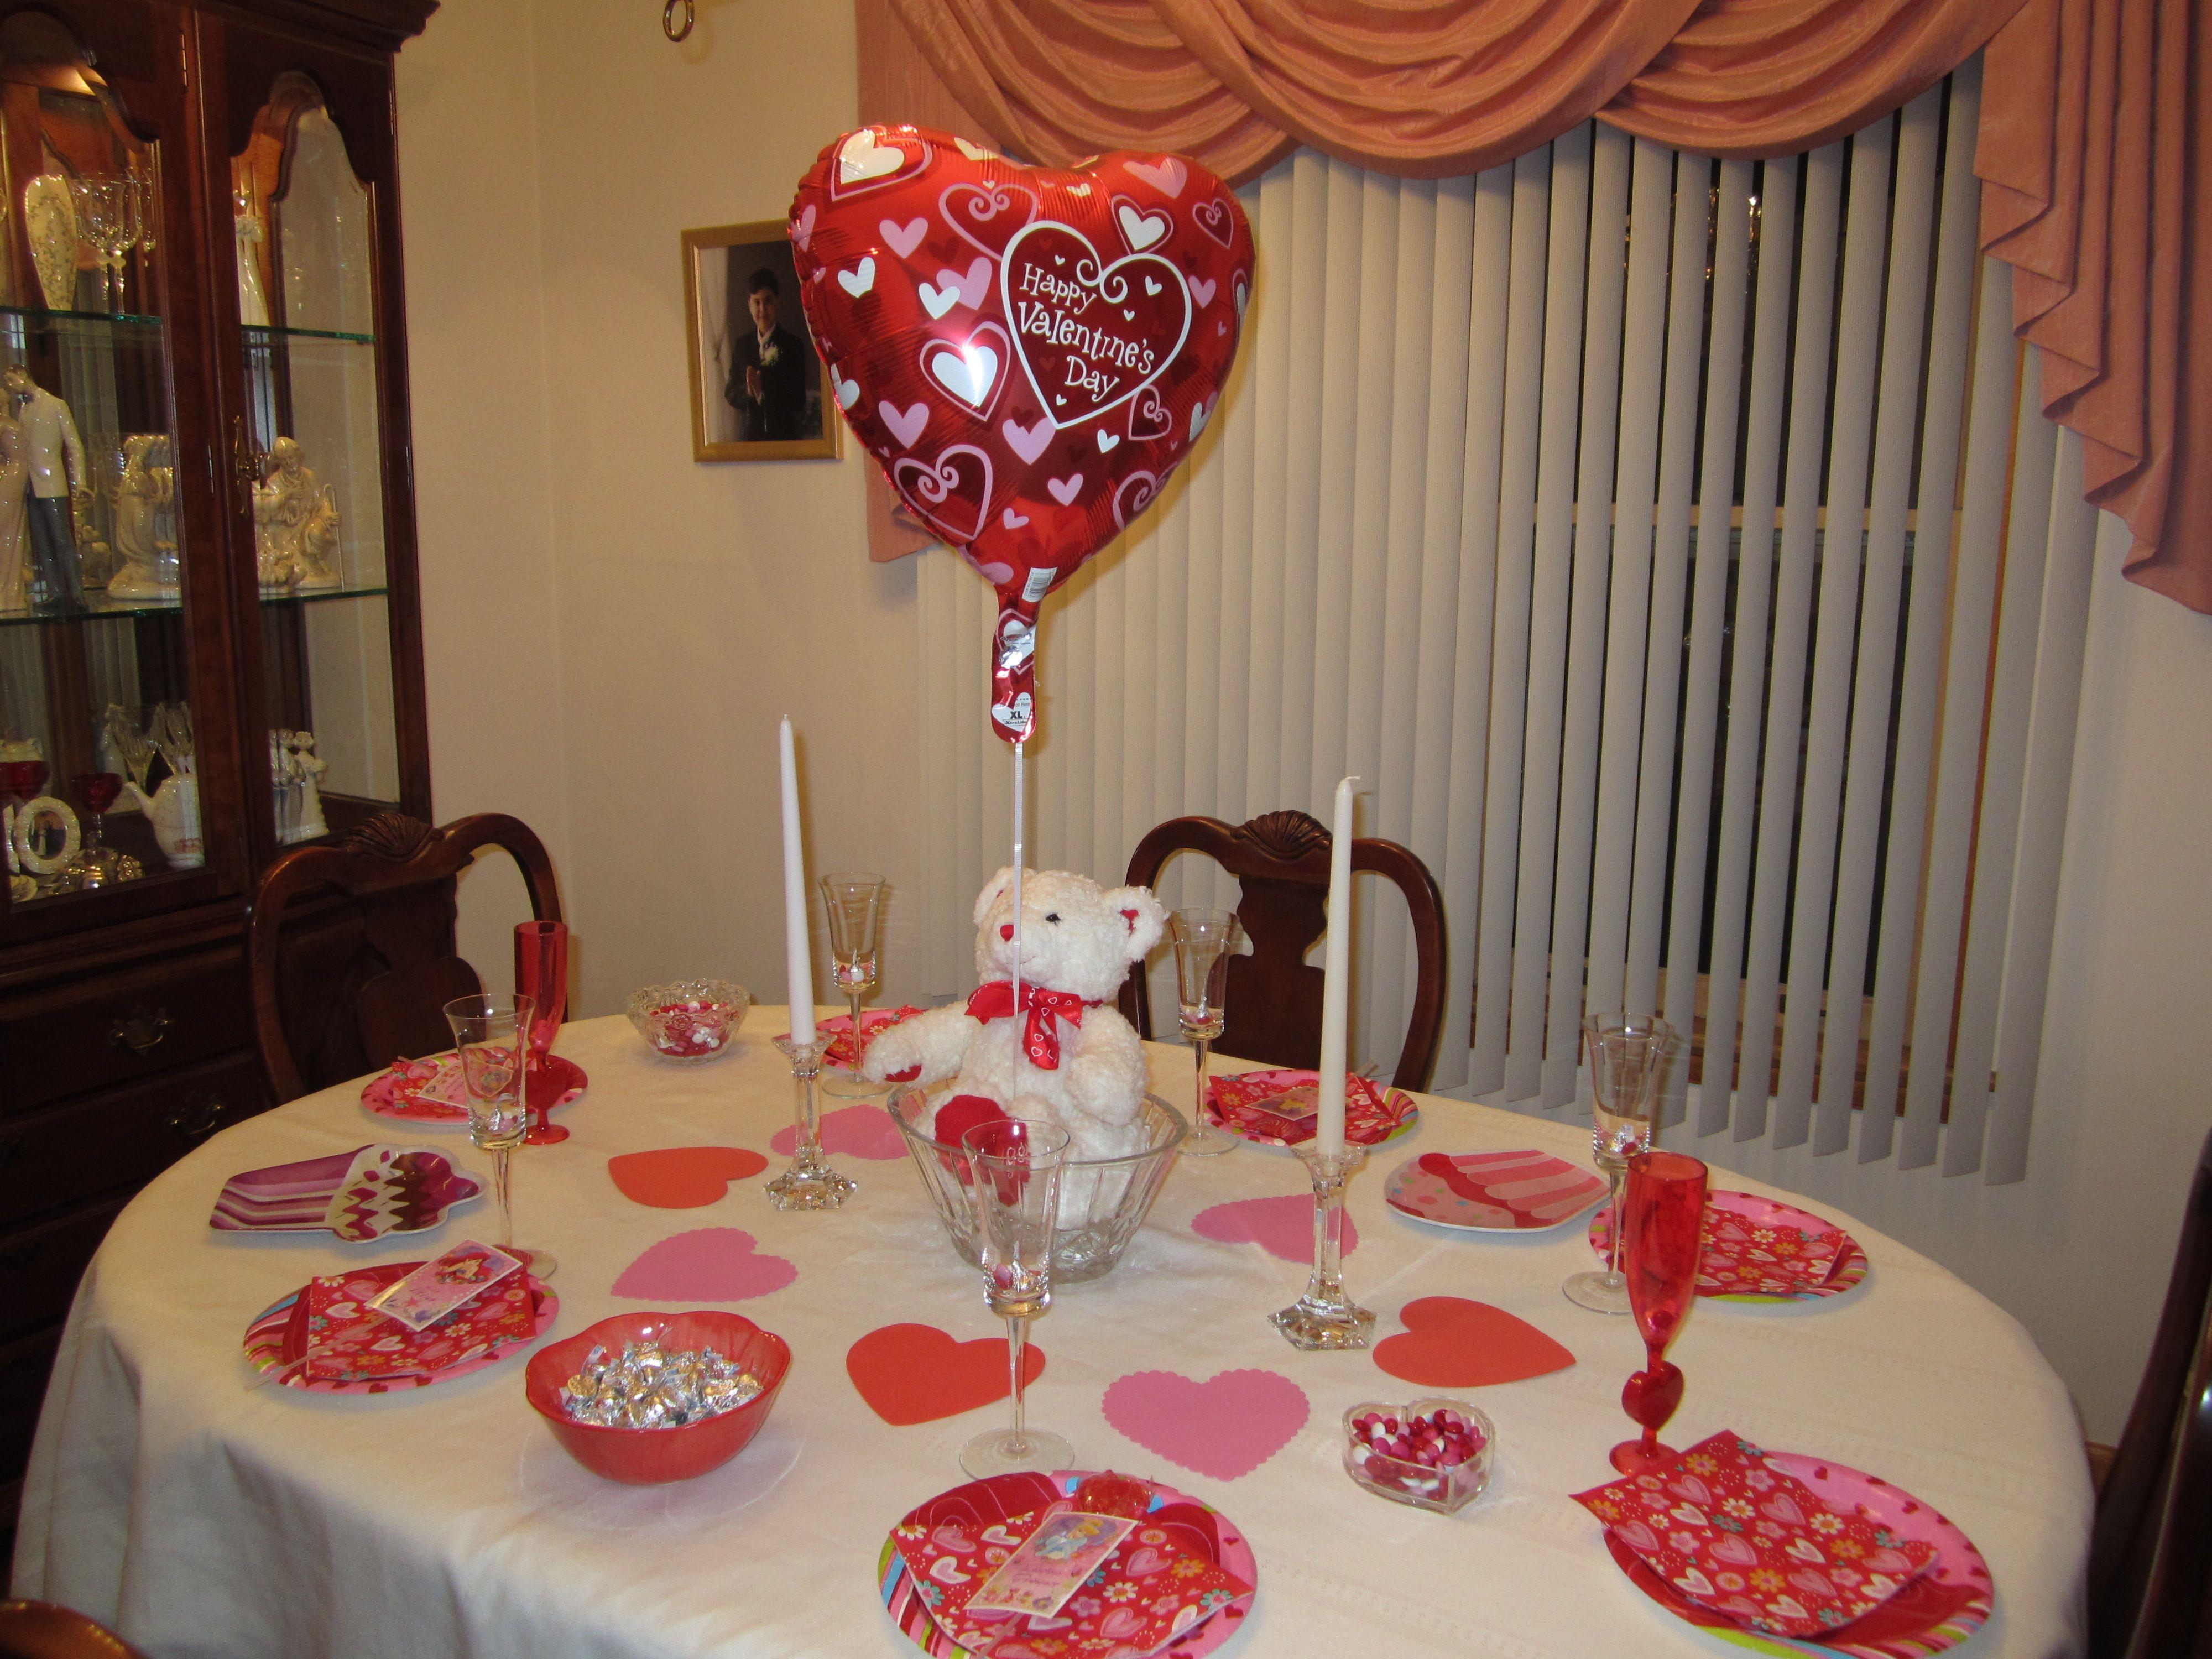 Decoraci n de mesa para amor y amistad con centro de mesa for Decoracion amor y amistad